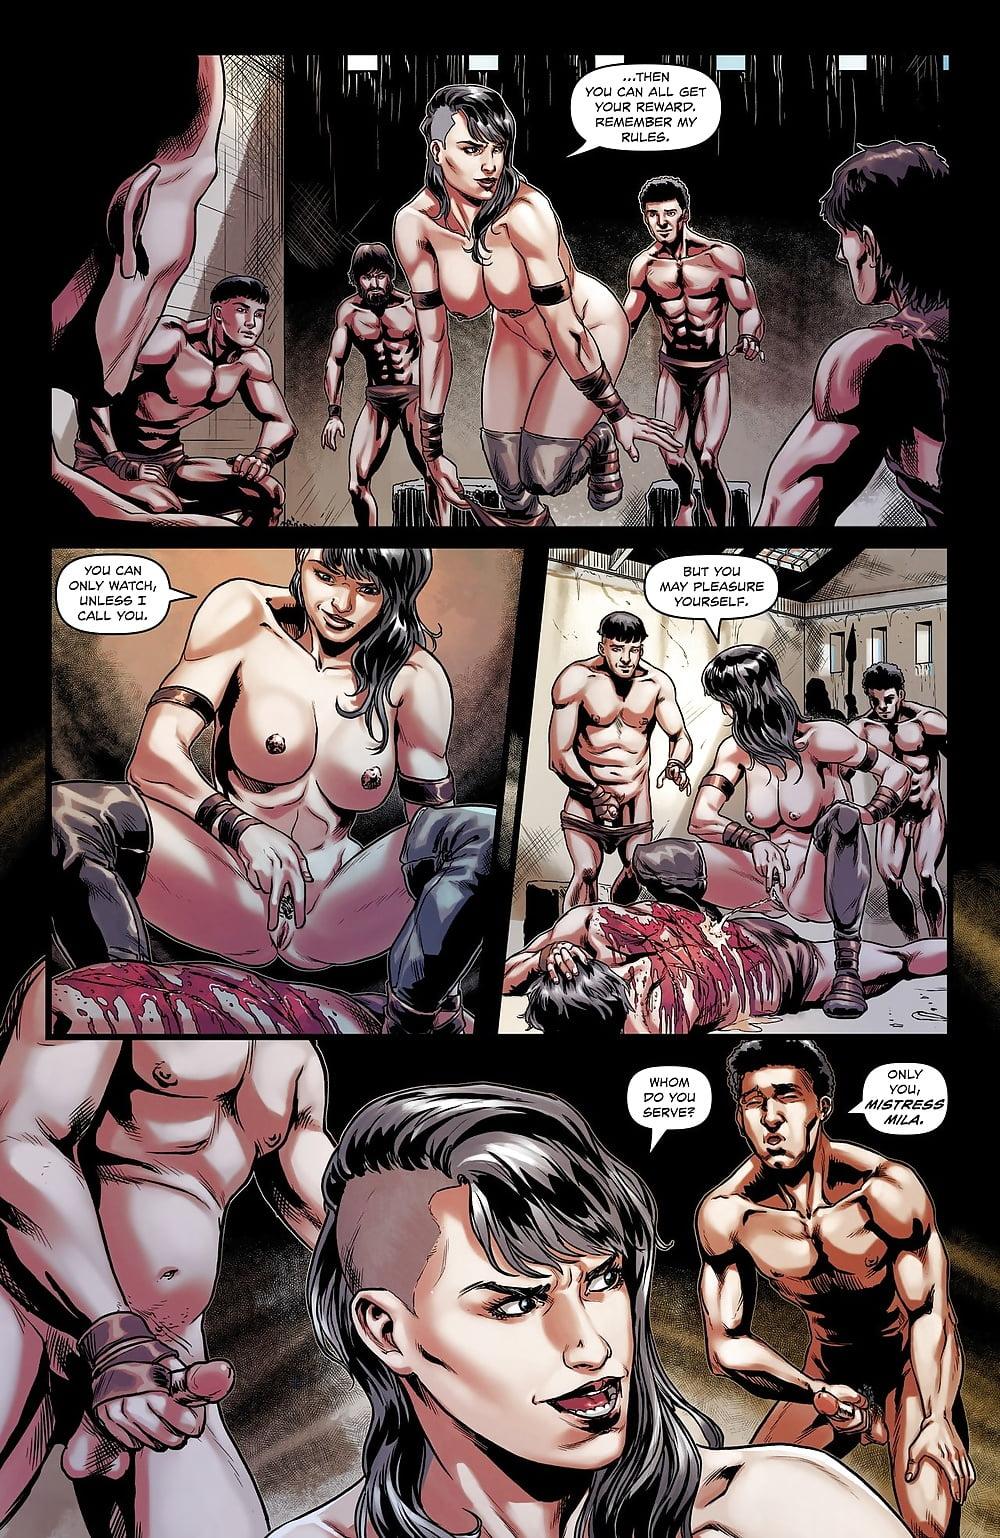 Horny porn survivor fuzi istvan - 2 10